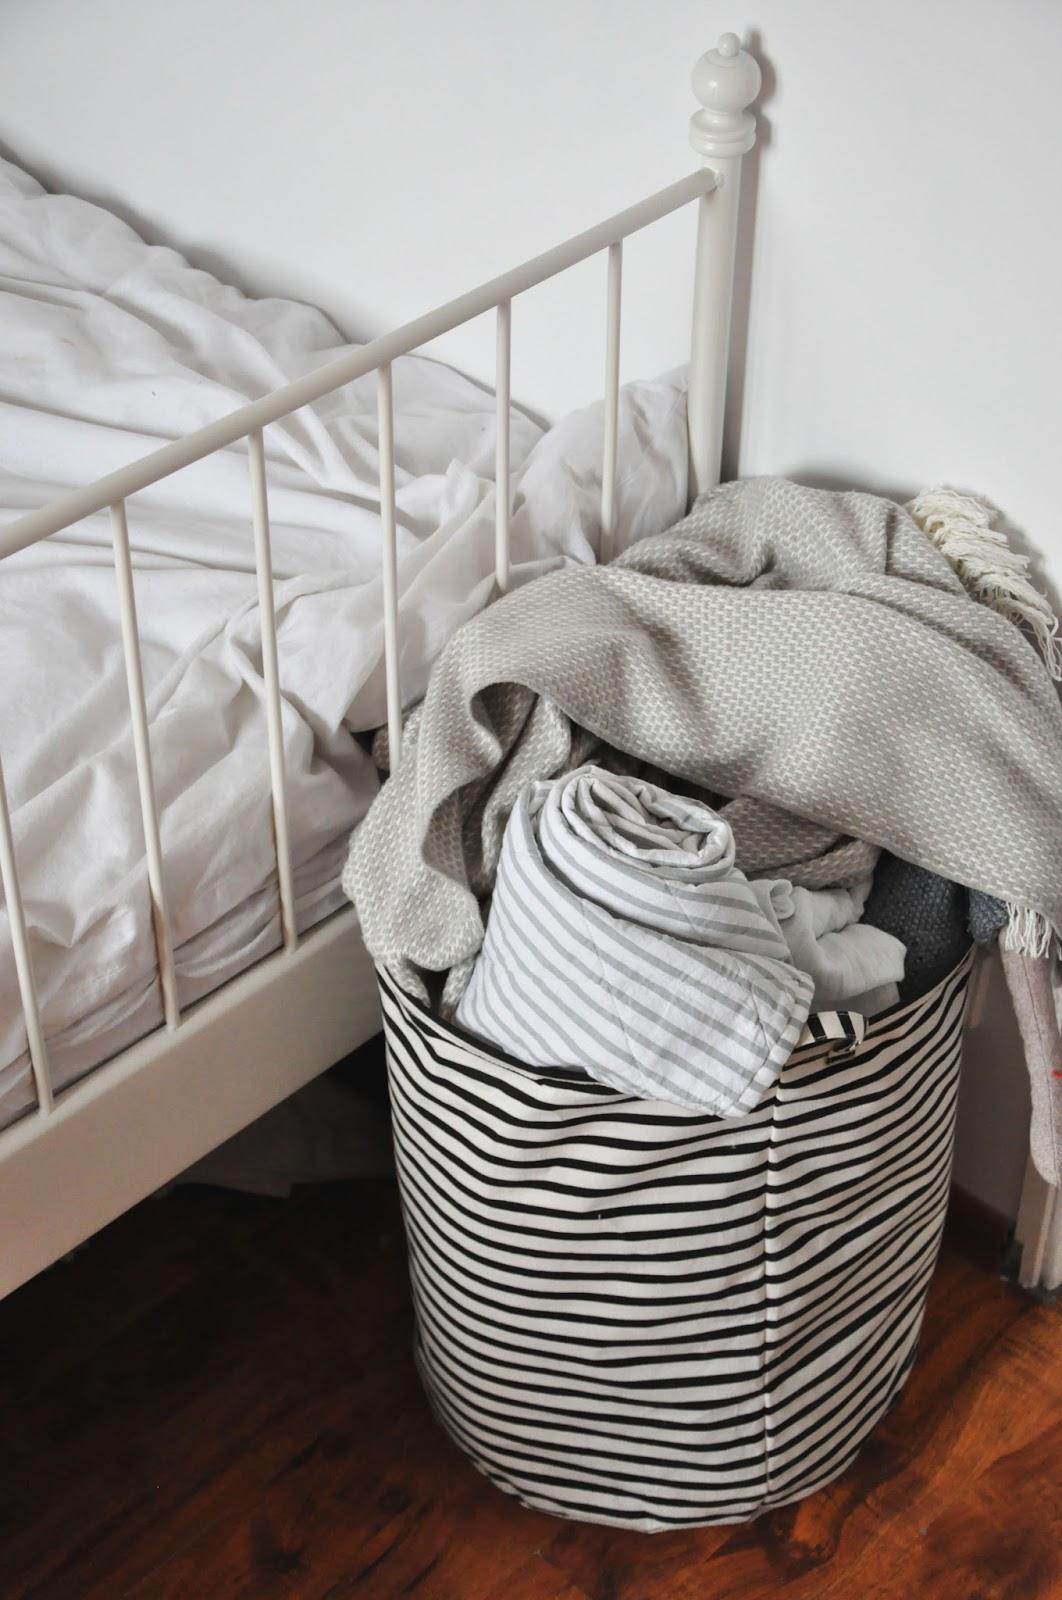 łóżko ikea leirvik,biała pościel, kosz w paski house doctor